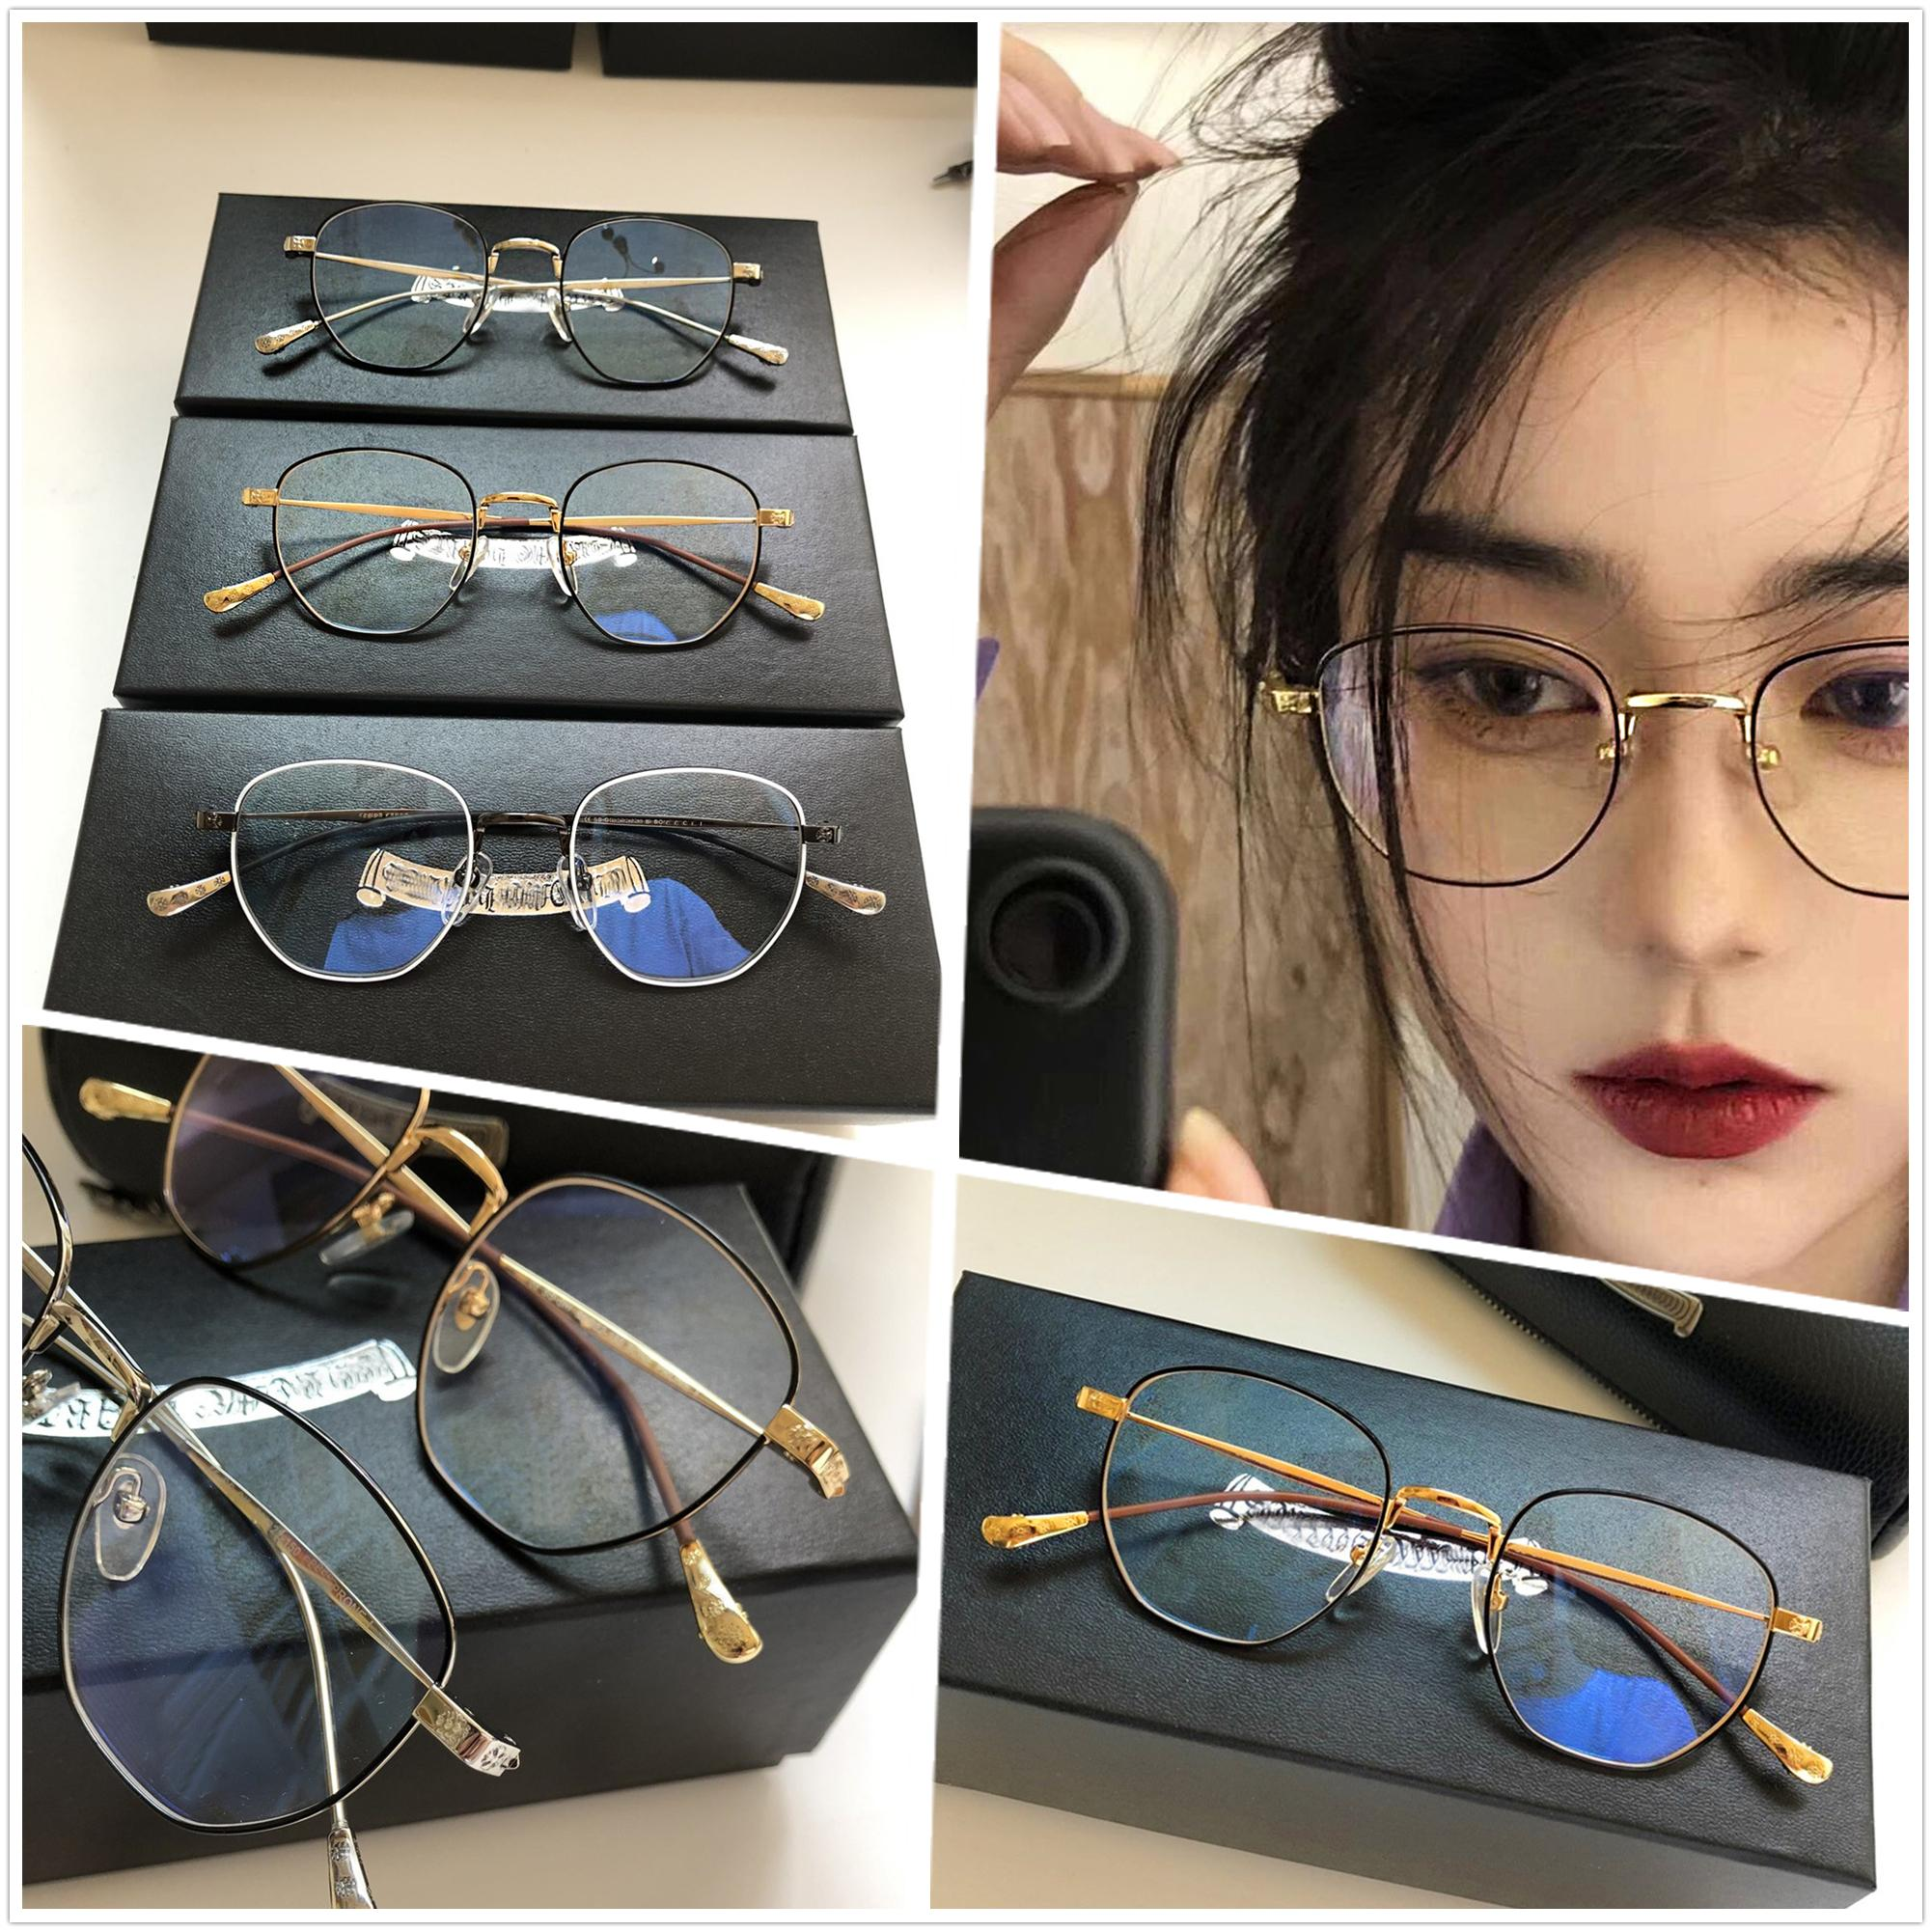 vintage New designer de moda óculos de sol CHR frame redondo lente cor estilo popular no verão vendendo uv400 proteção quente eyewear [OSSO propenso a I]